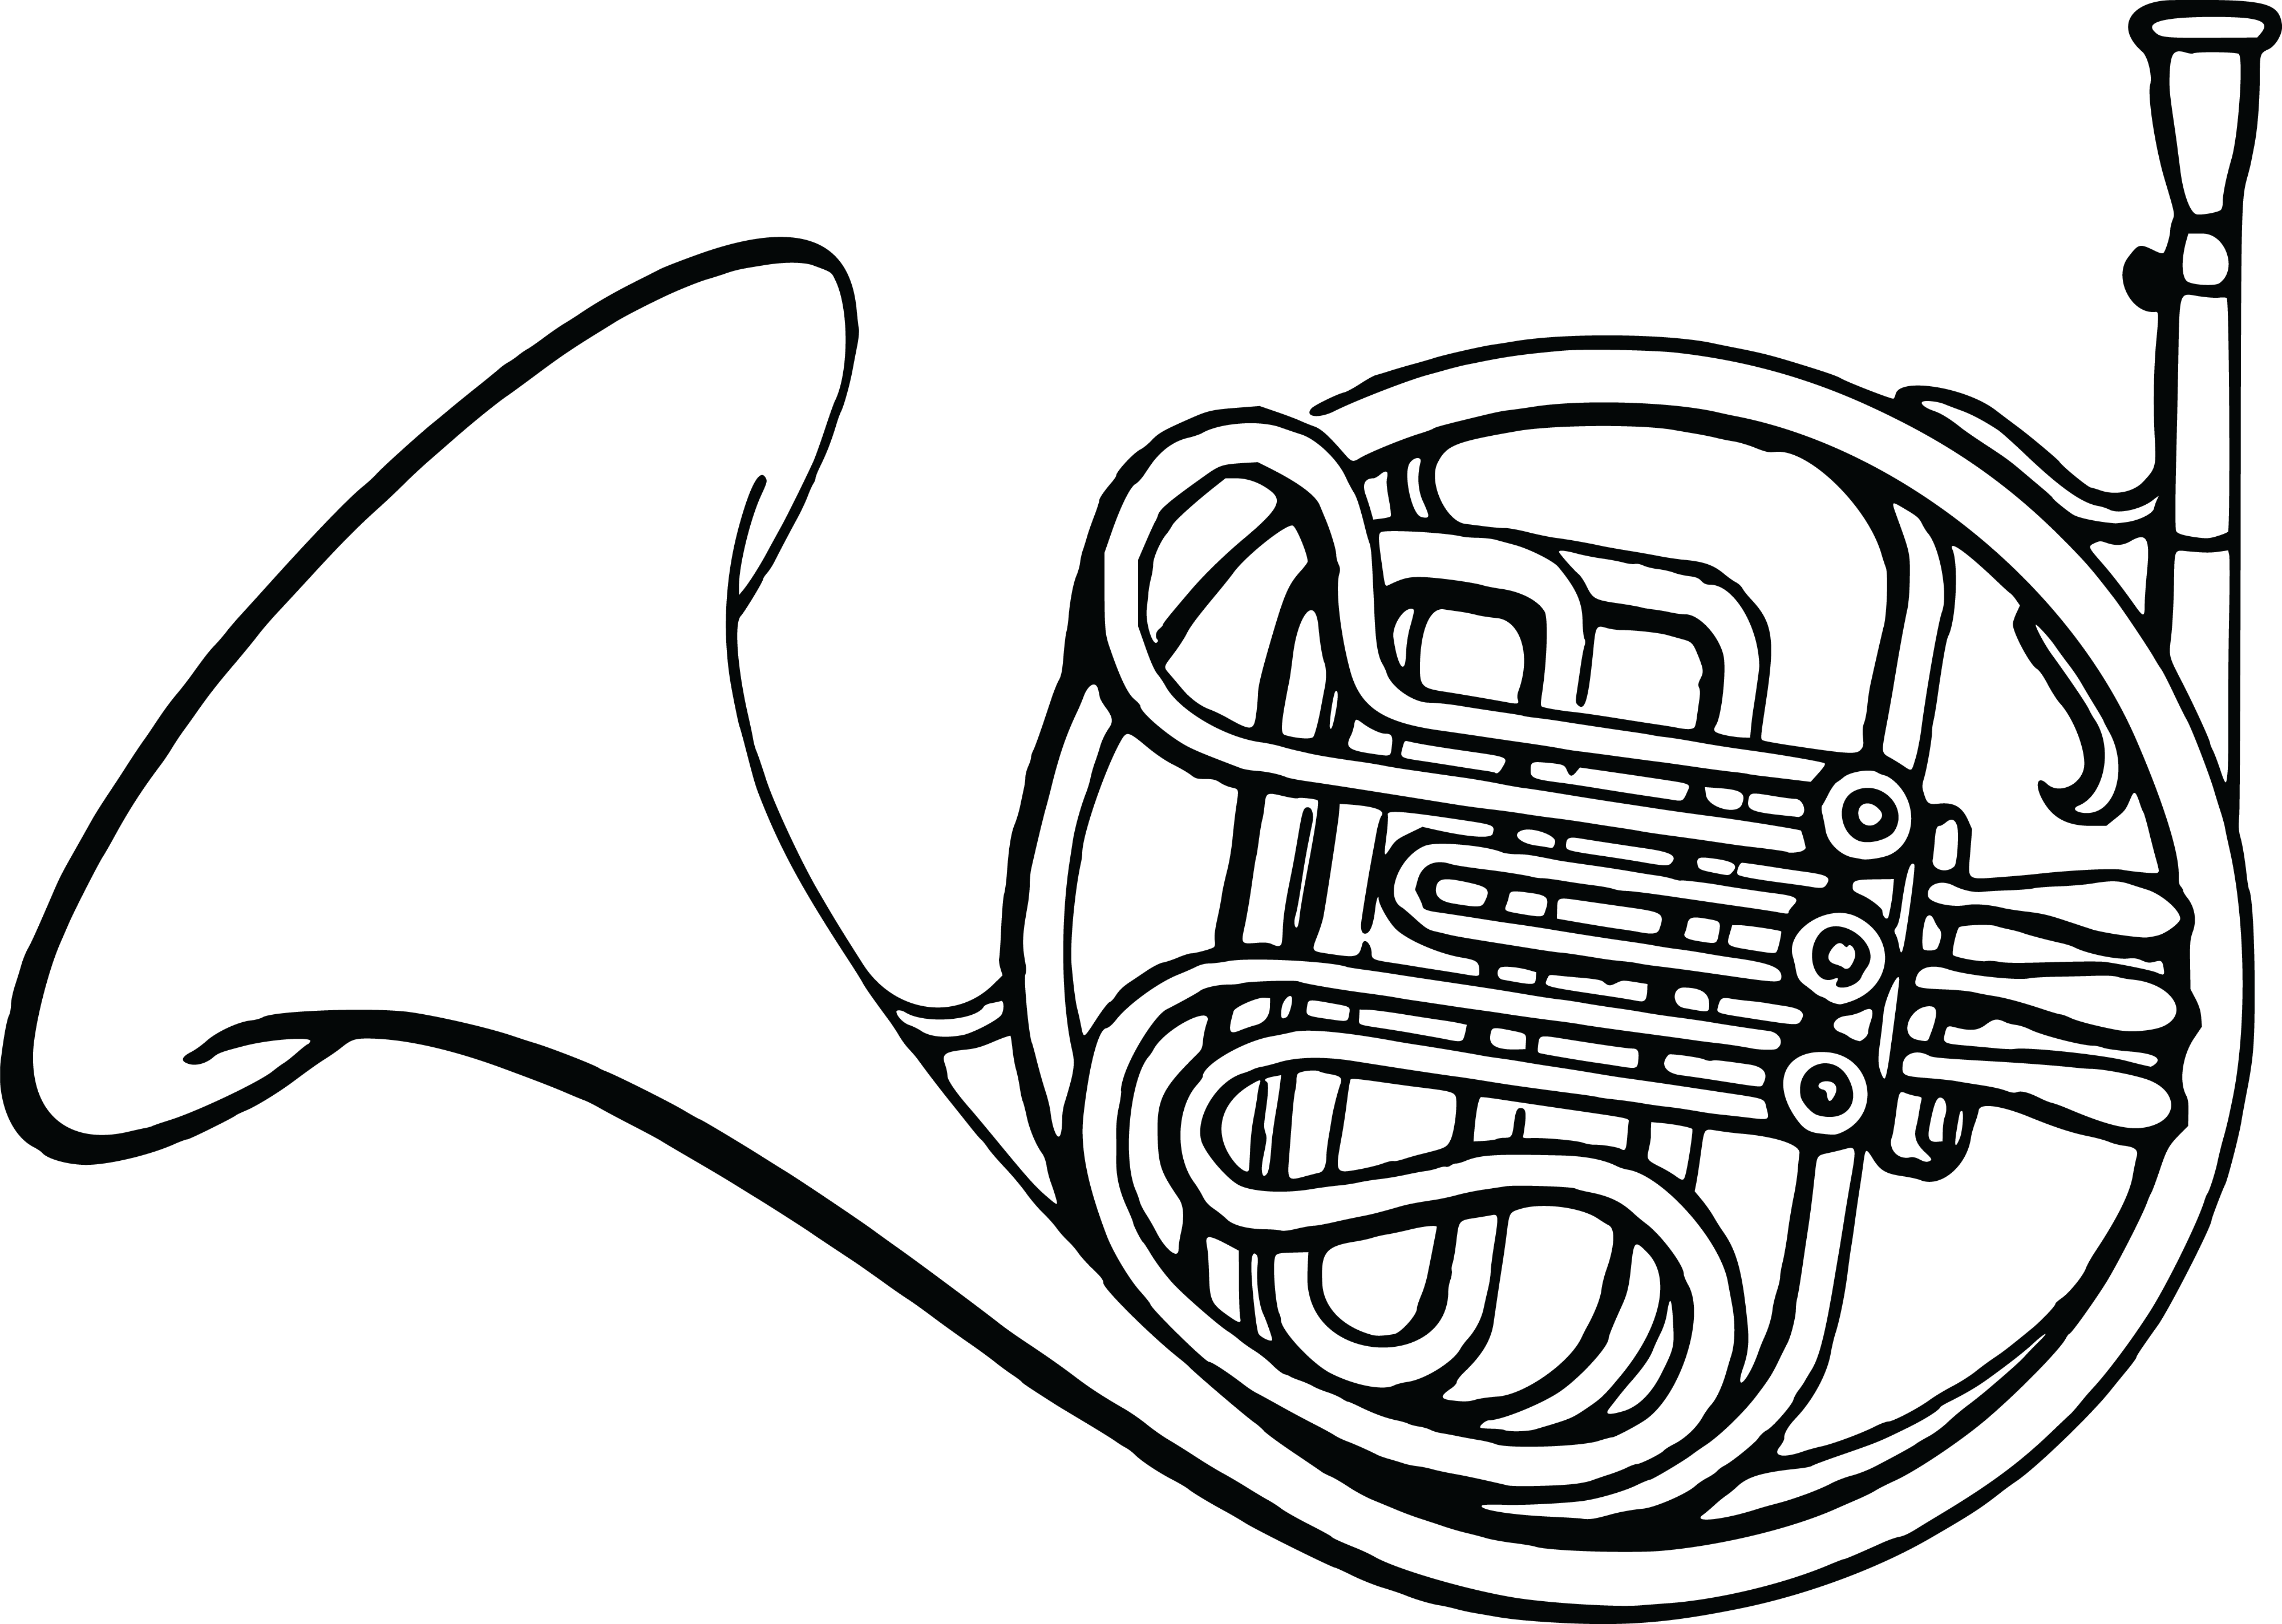 Horn clipart horn speaker. College black and white